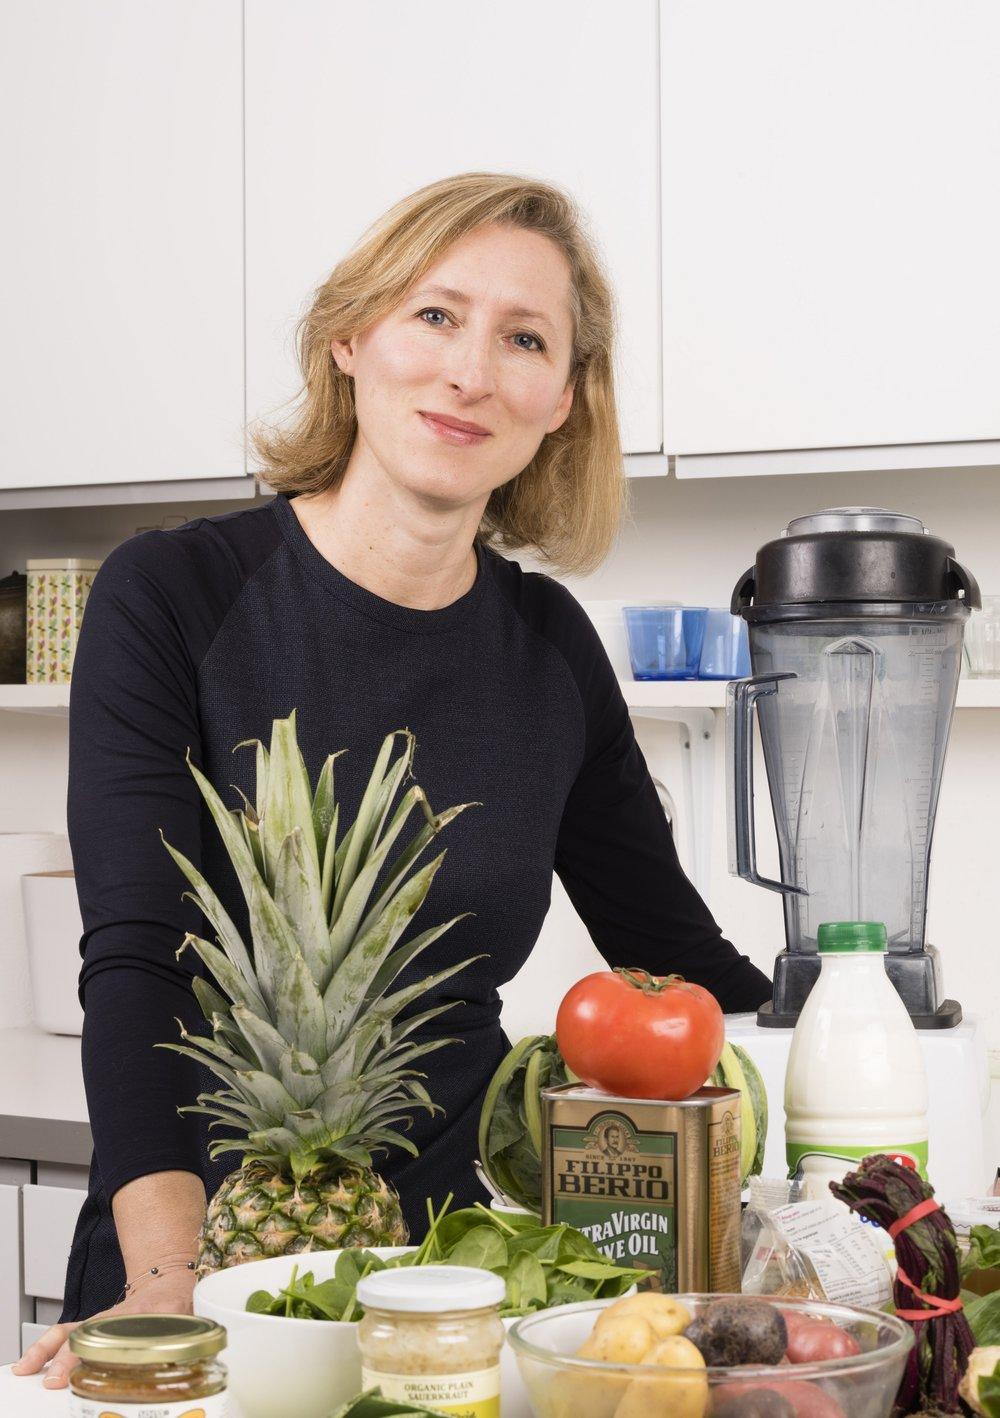 Imagen en la cocina de la nutricionista y mediática Jeannette Hyde. Foto cedida por Jeannette Hyde